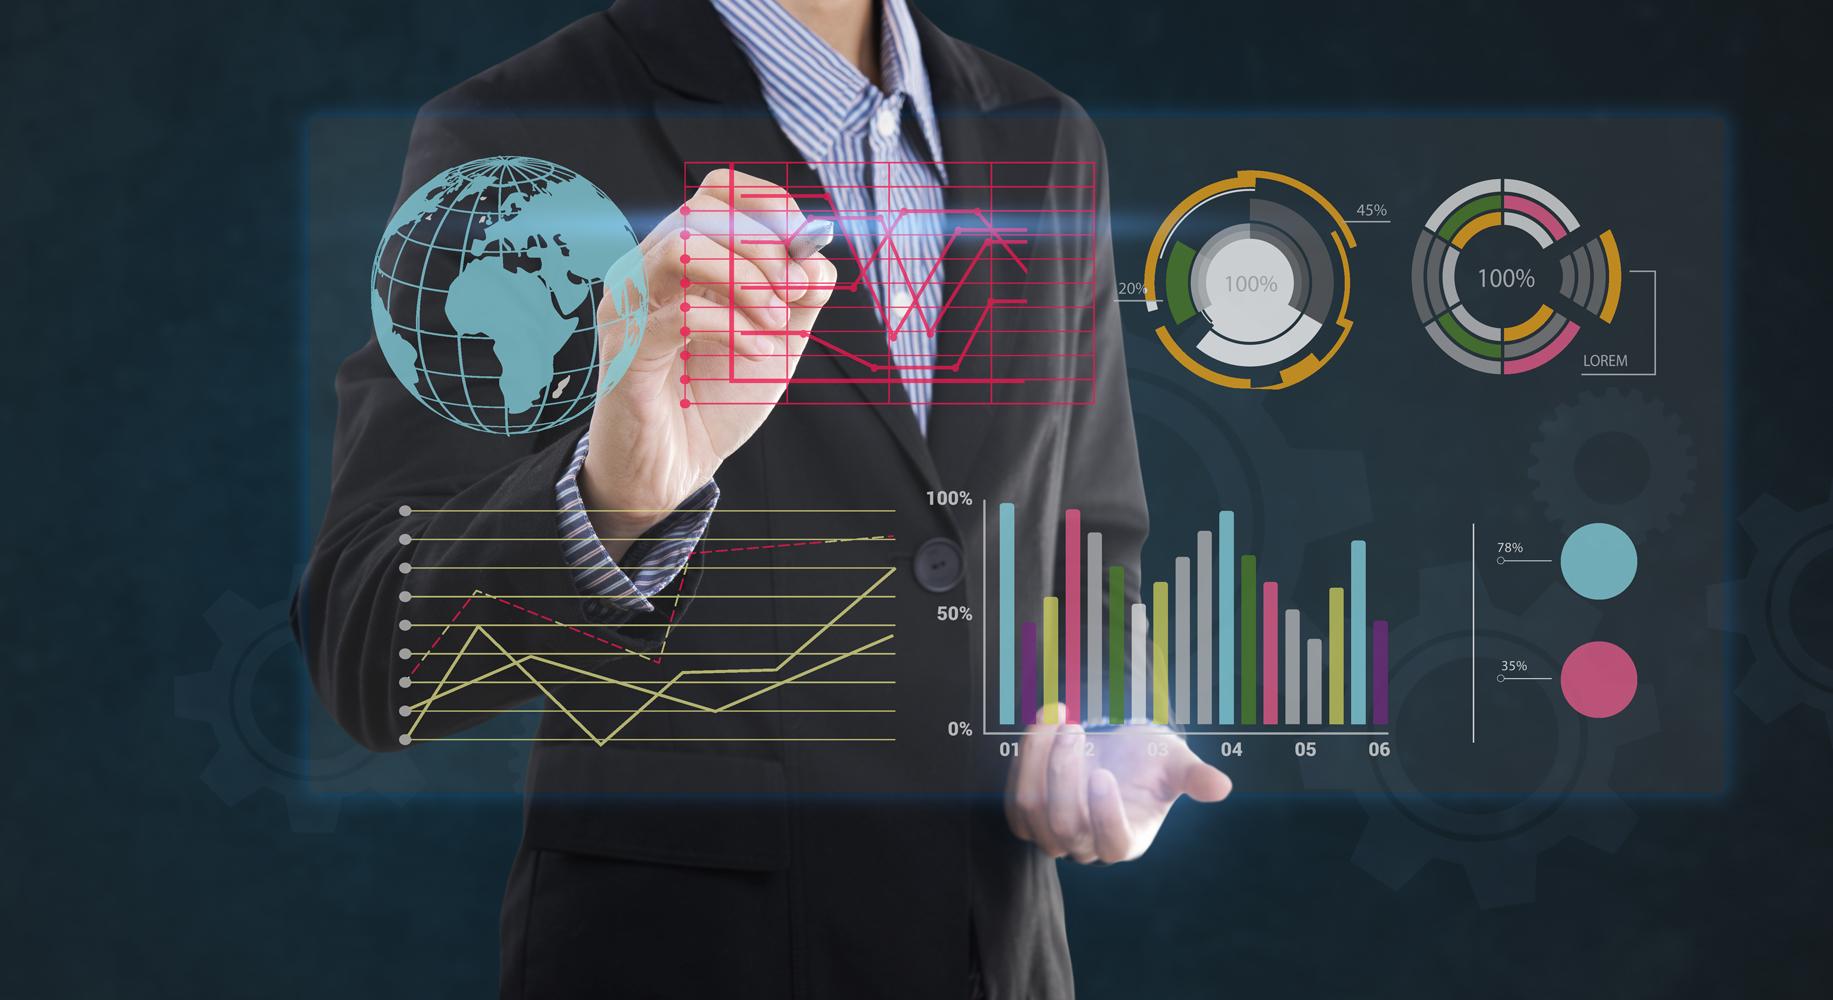 cele mai profitabile semnale de tranzacționare program util despre opțiuni